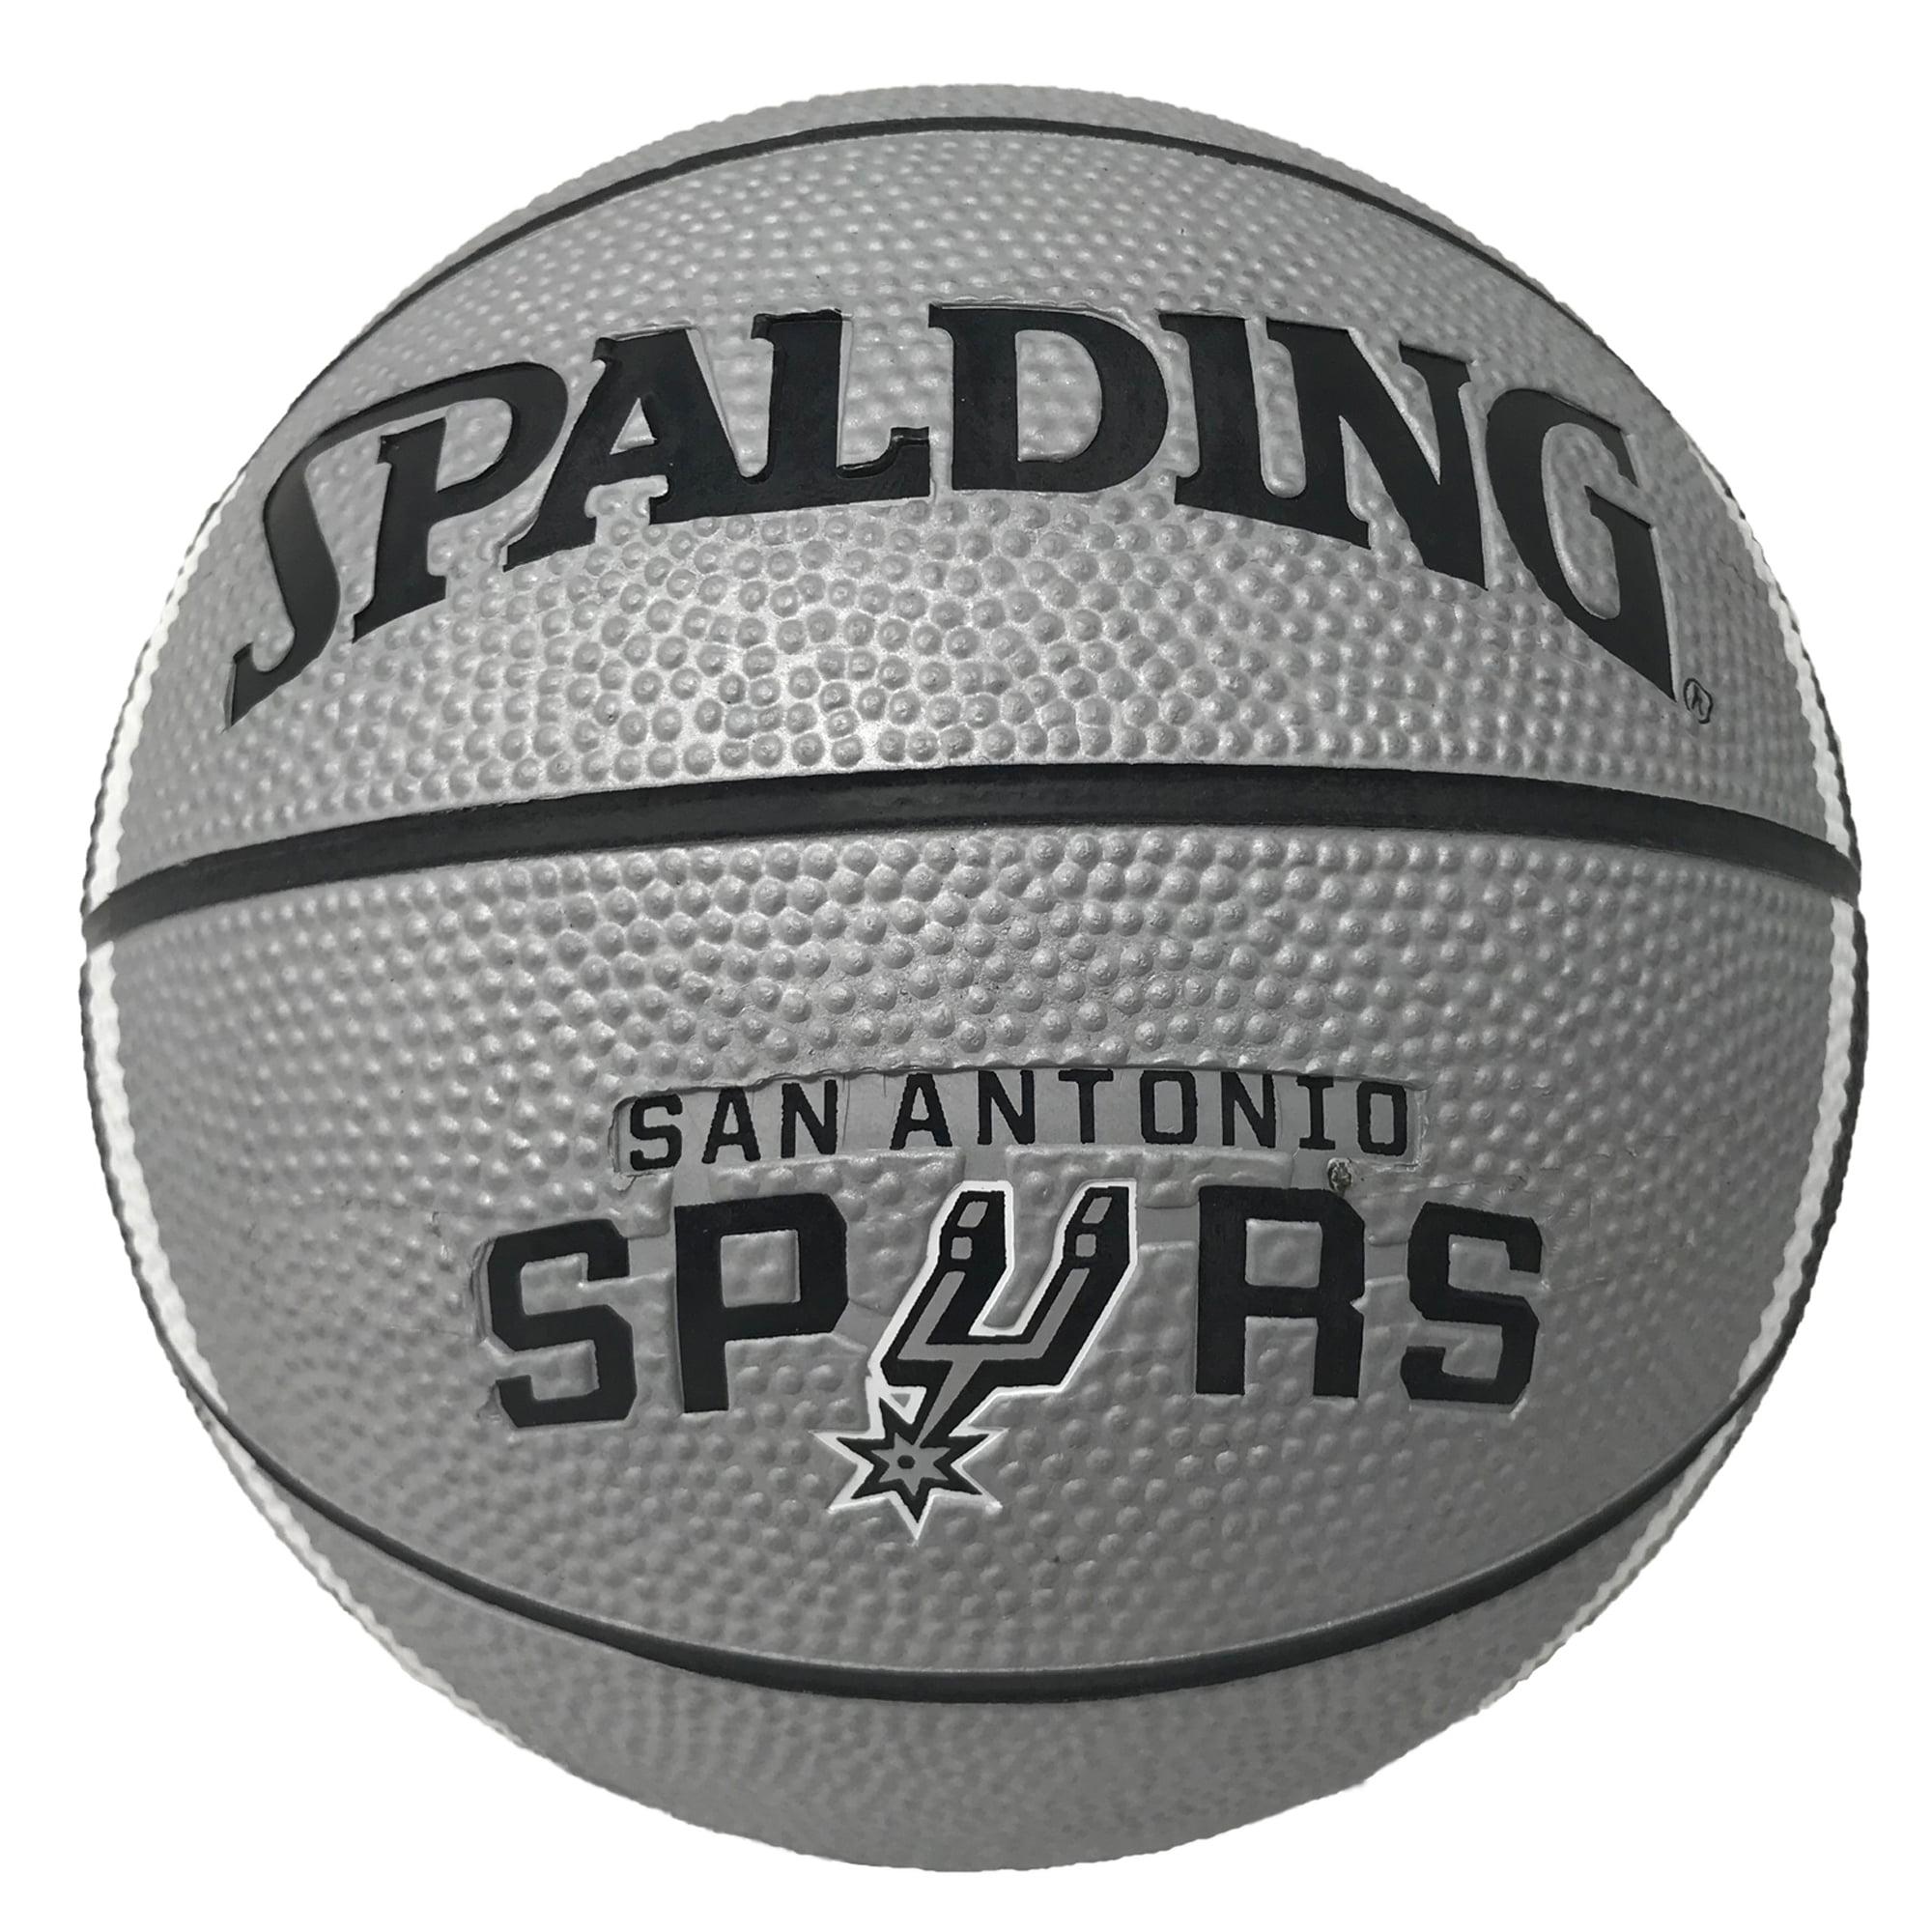 San Antonio Spurs Lamp Shade